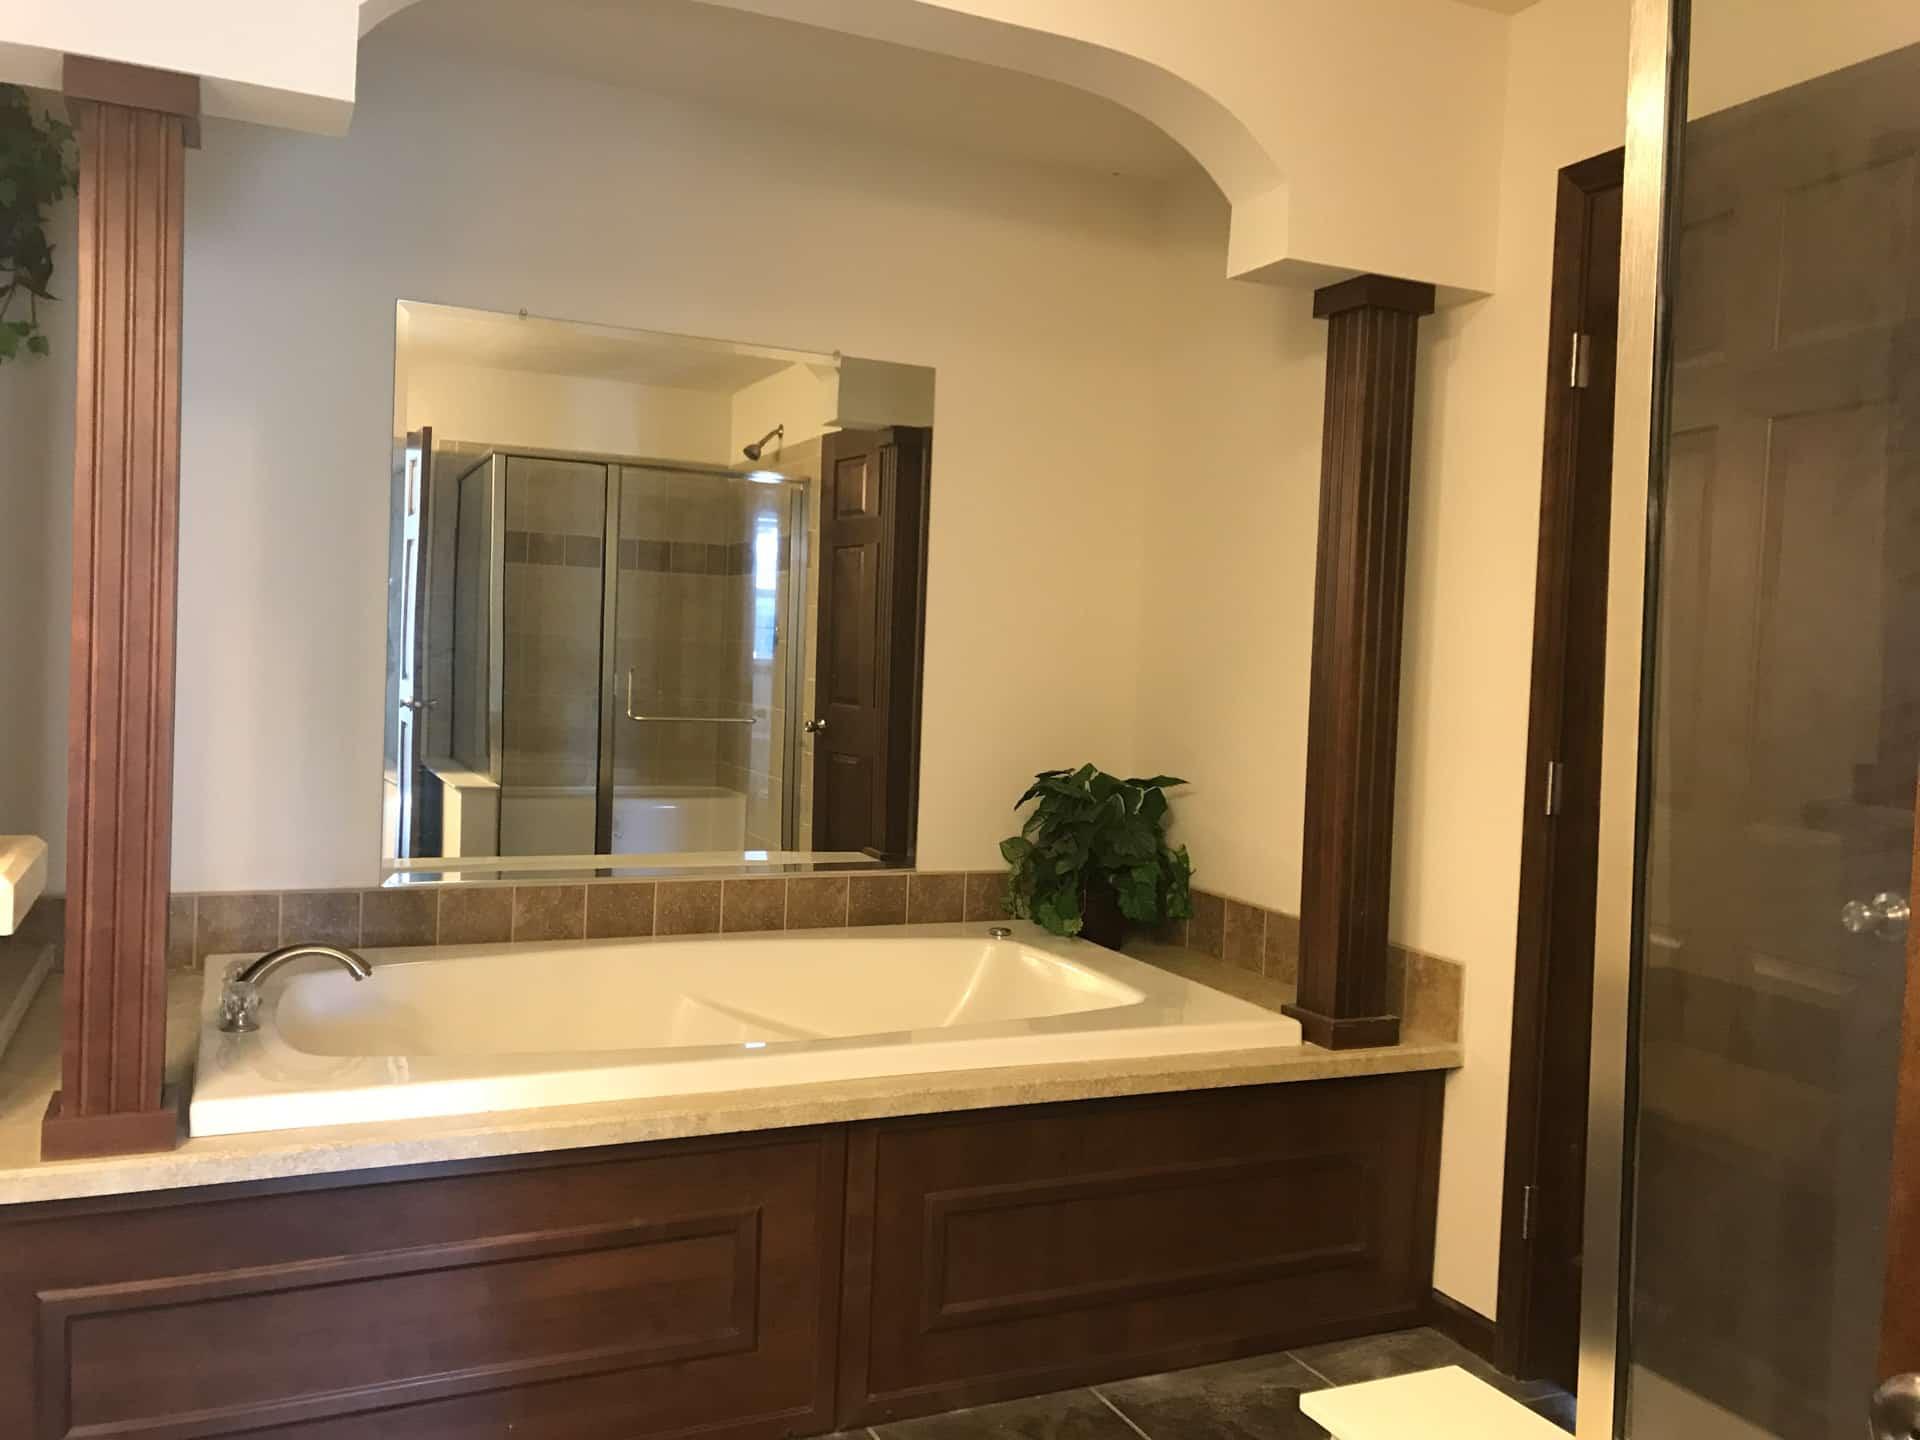 Princeton soaking tub - D&W Homes